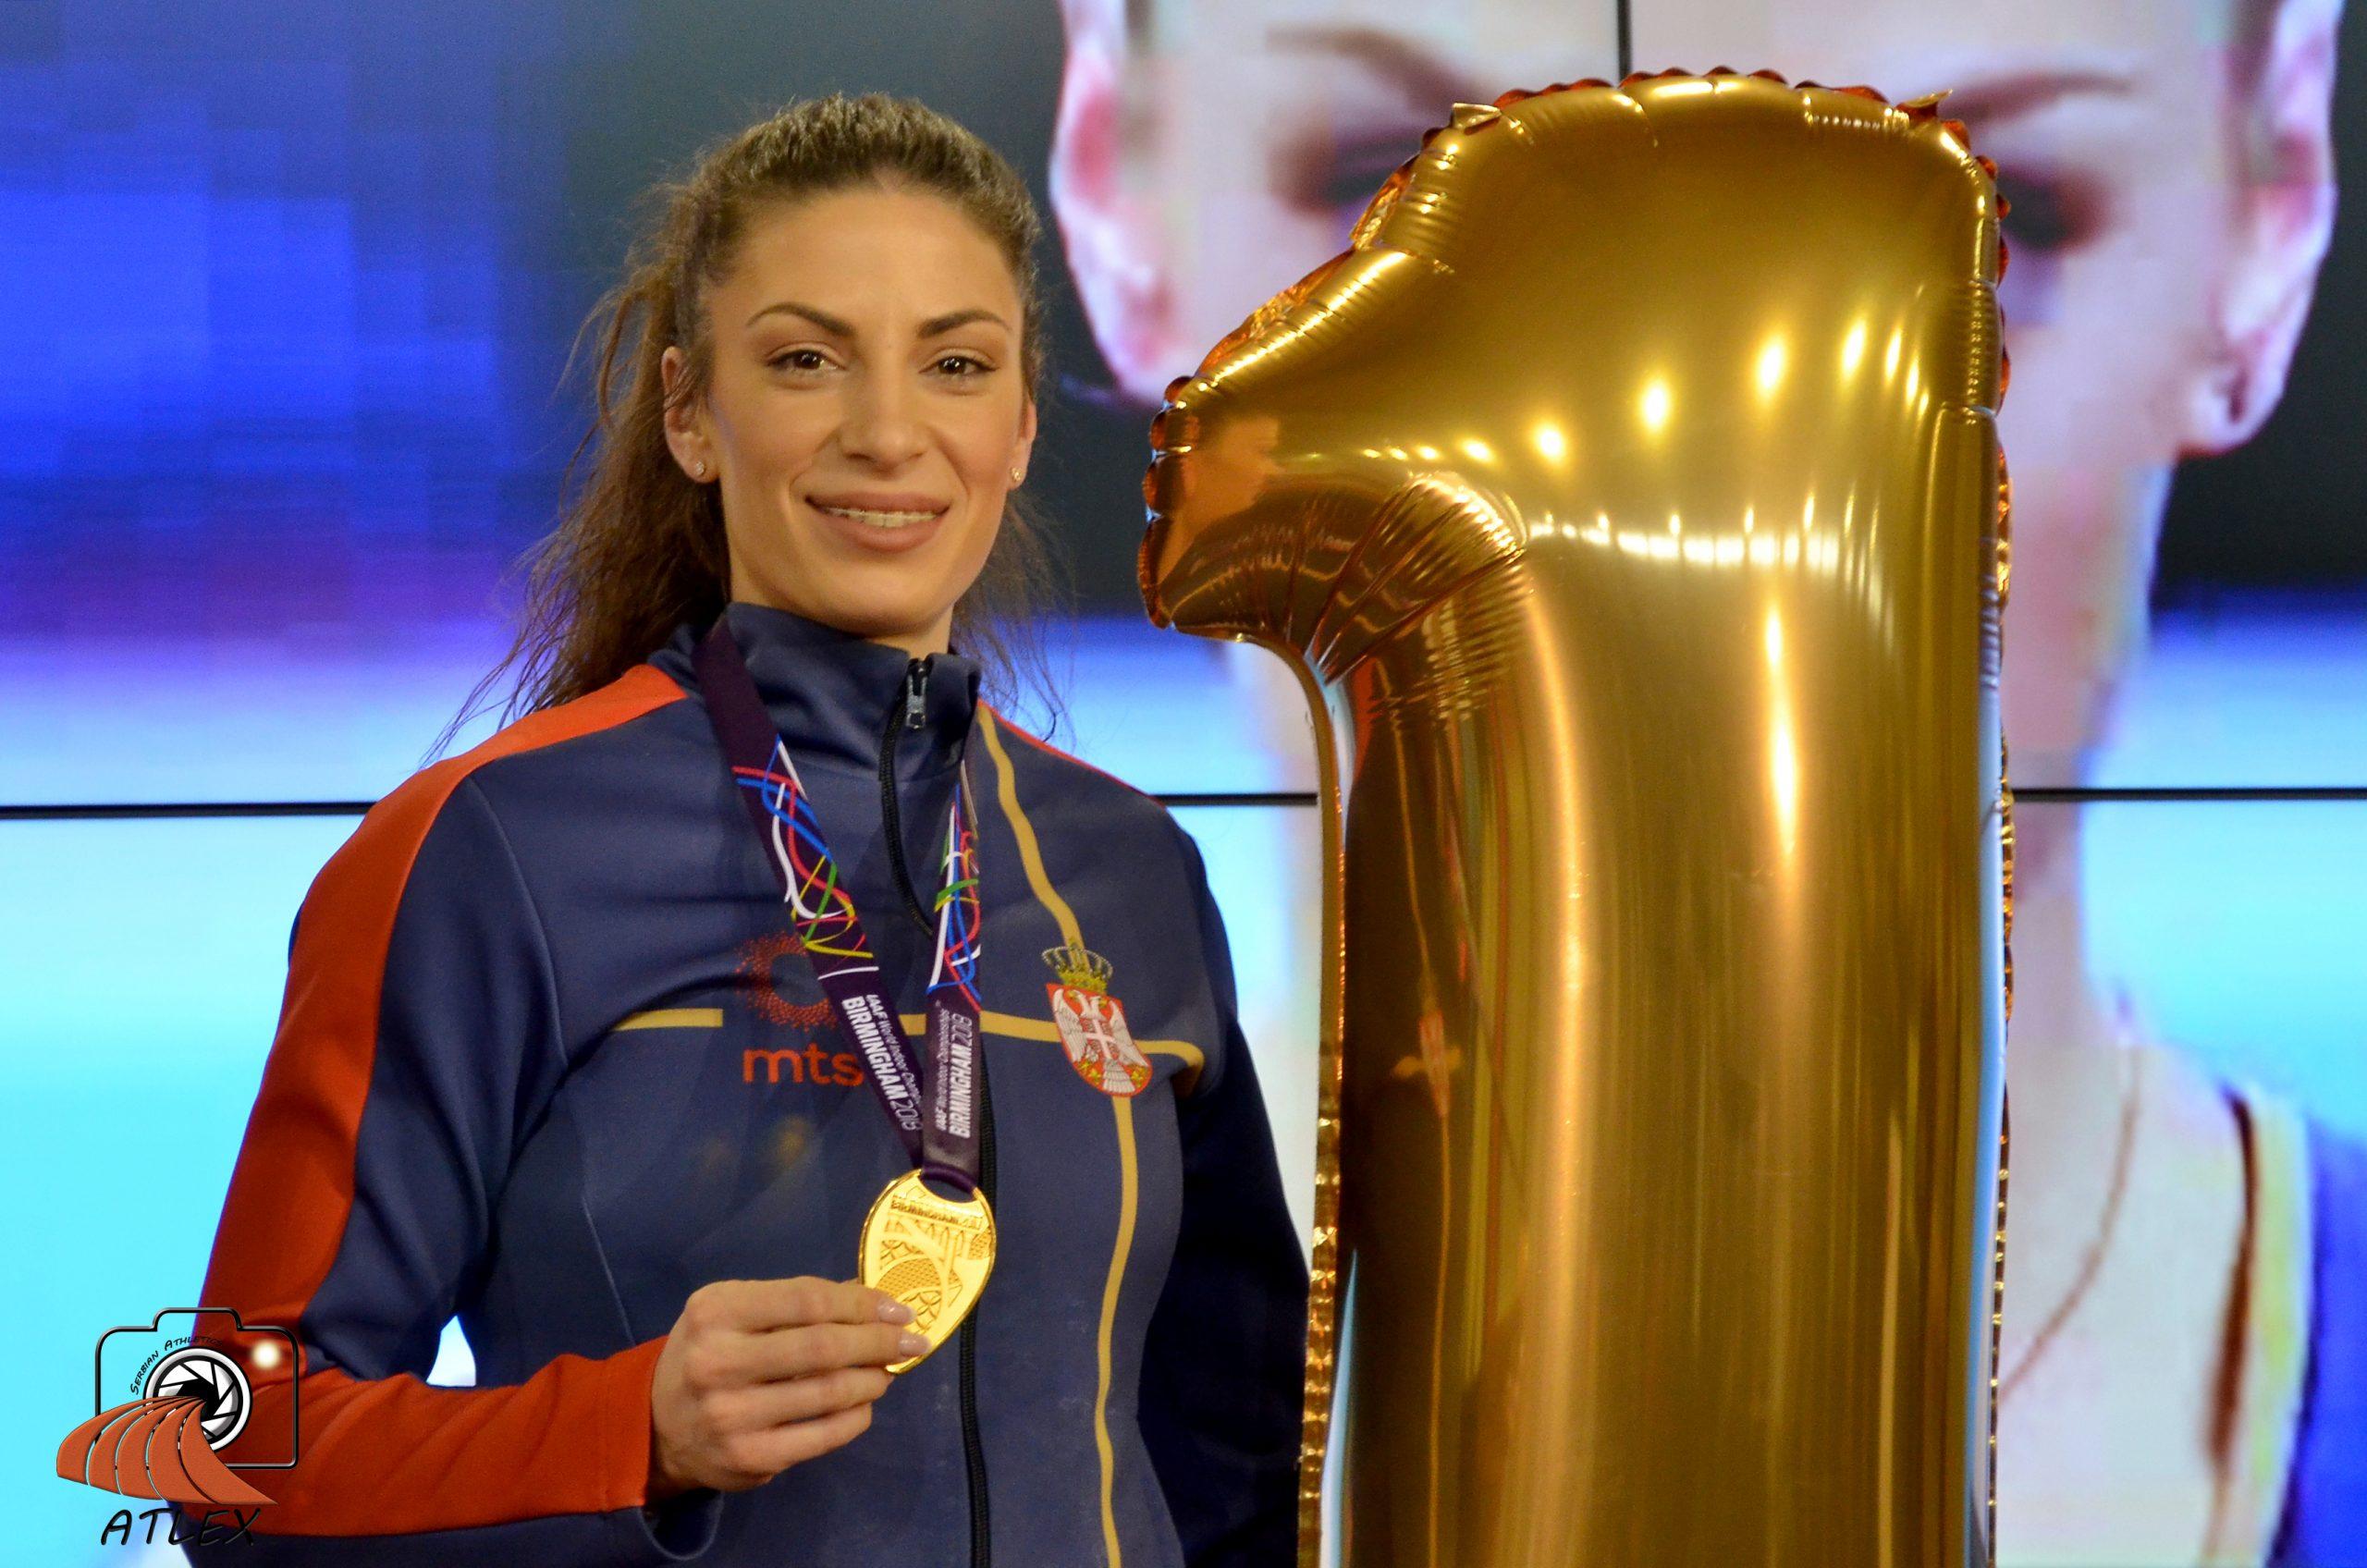 Ivana Španović, zlatna medalja sa Svetskog dvoranskog prvenstva 2018